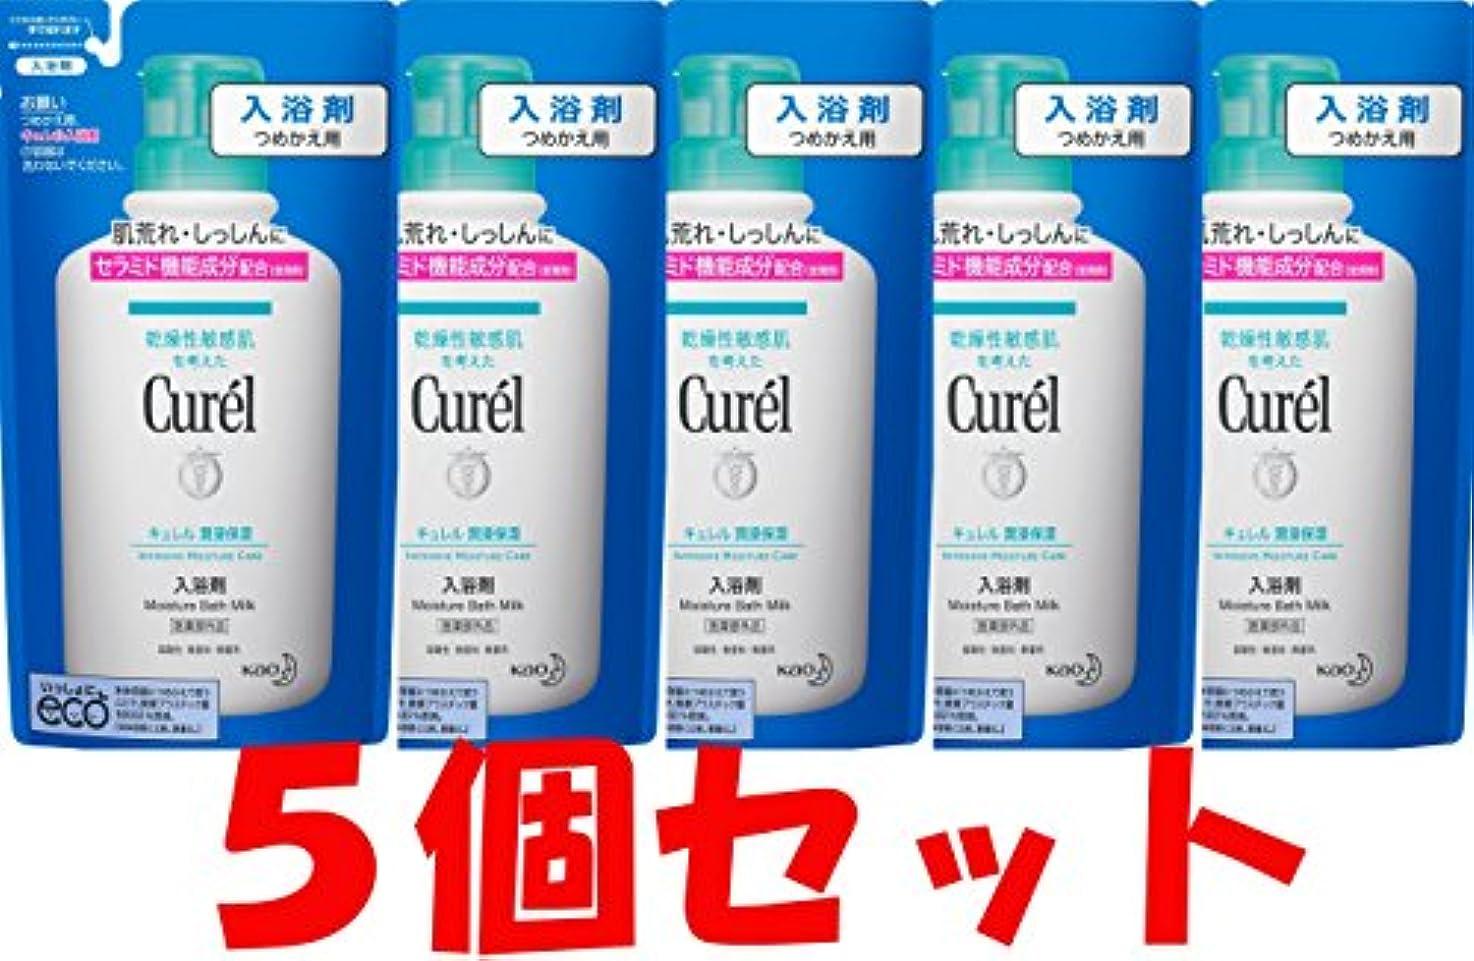 【花王】キュレル 入浴剤 つめかえ用 360ml ×5個セット